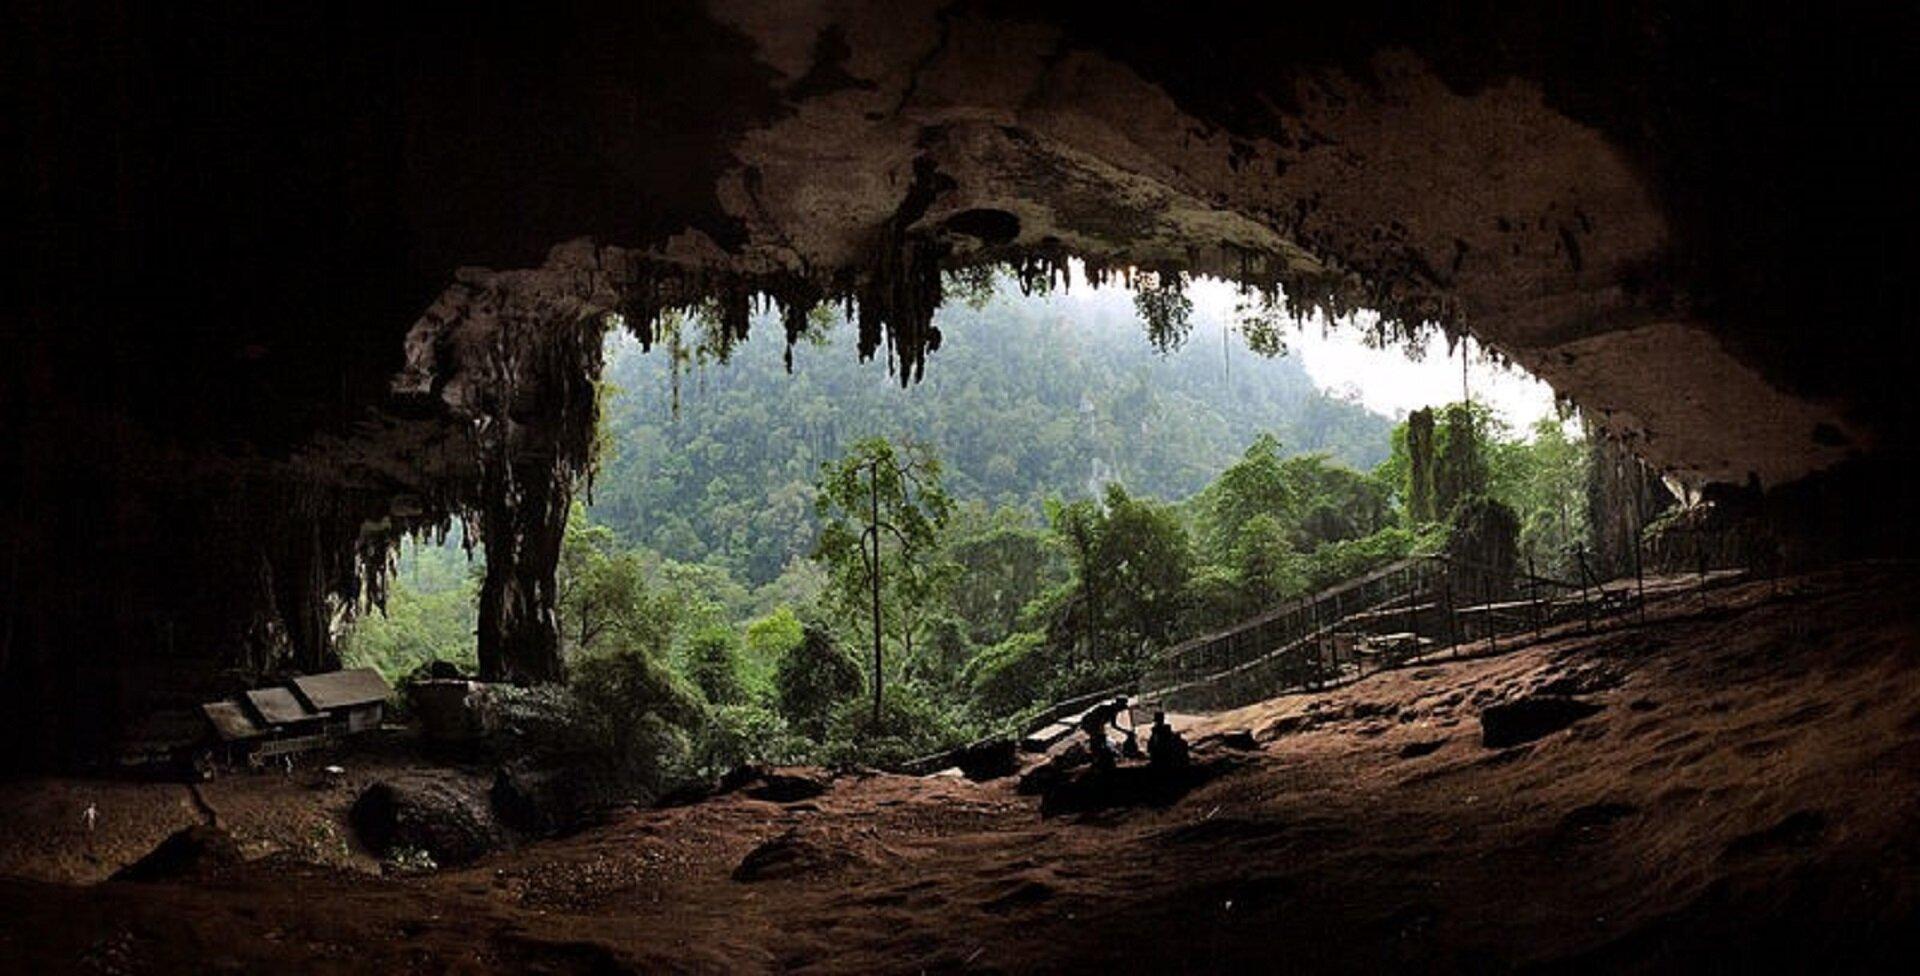 Ilustracja przedstawia jaskinię Makpela. Na ilustracji ukazane jest wnętrze jaskini, wktórej siedzą ludzie. Woddali widoczny jest las.